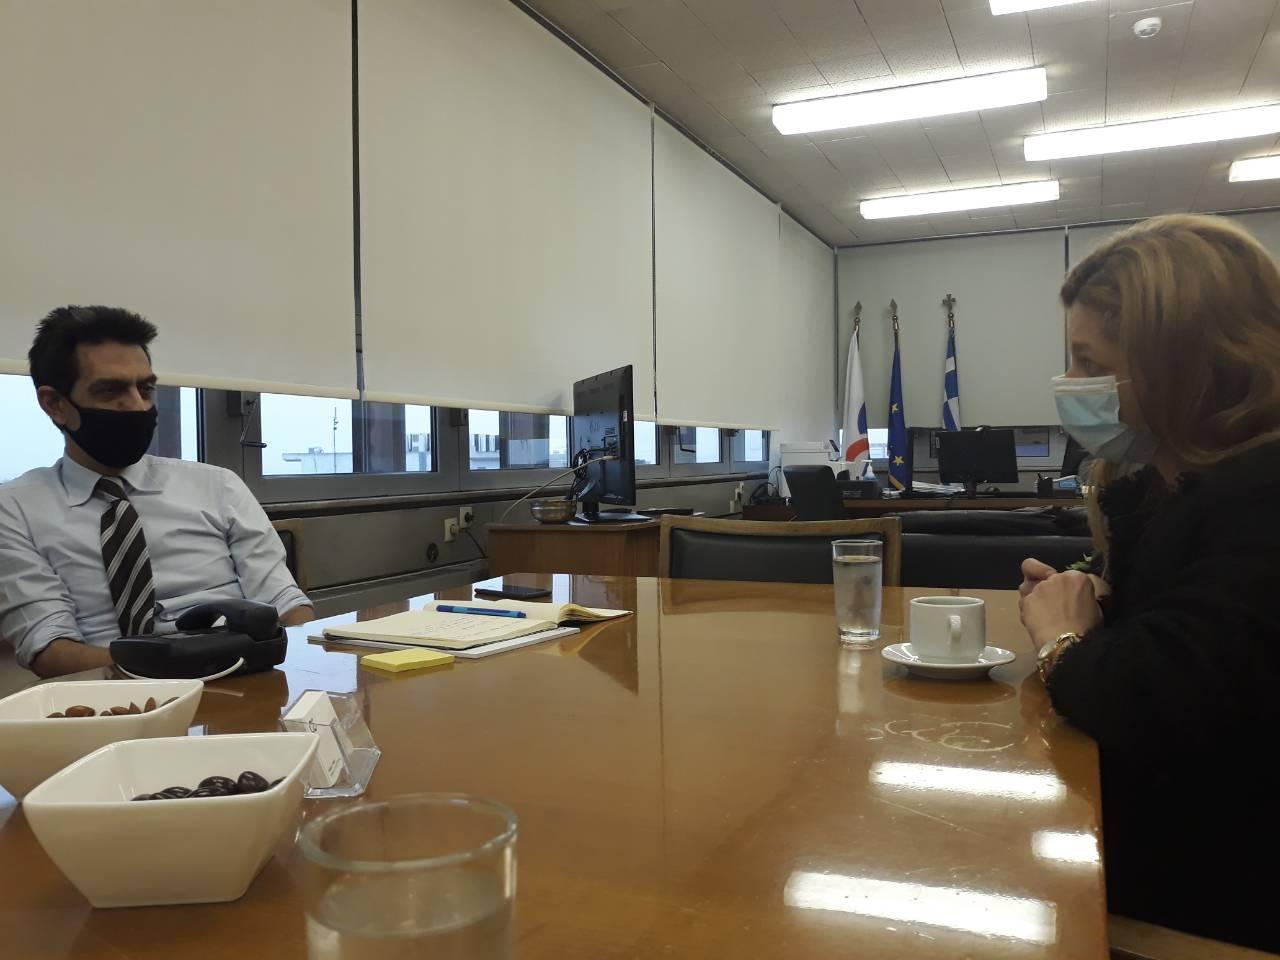 Αυγερινοπούλου: Συνάντηση εργασίας με ΟΣΕ για την επαναλειτουργία της γραμμής Πάτρας – Πύργου- Αίτημα της Βουλευτού η επέκταση μέχρι την Κυπαρισσία